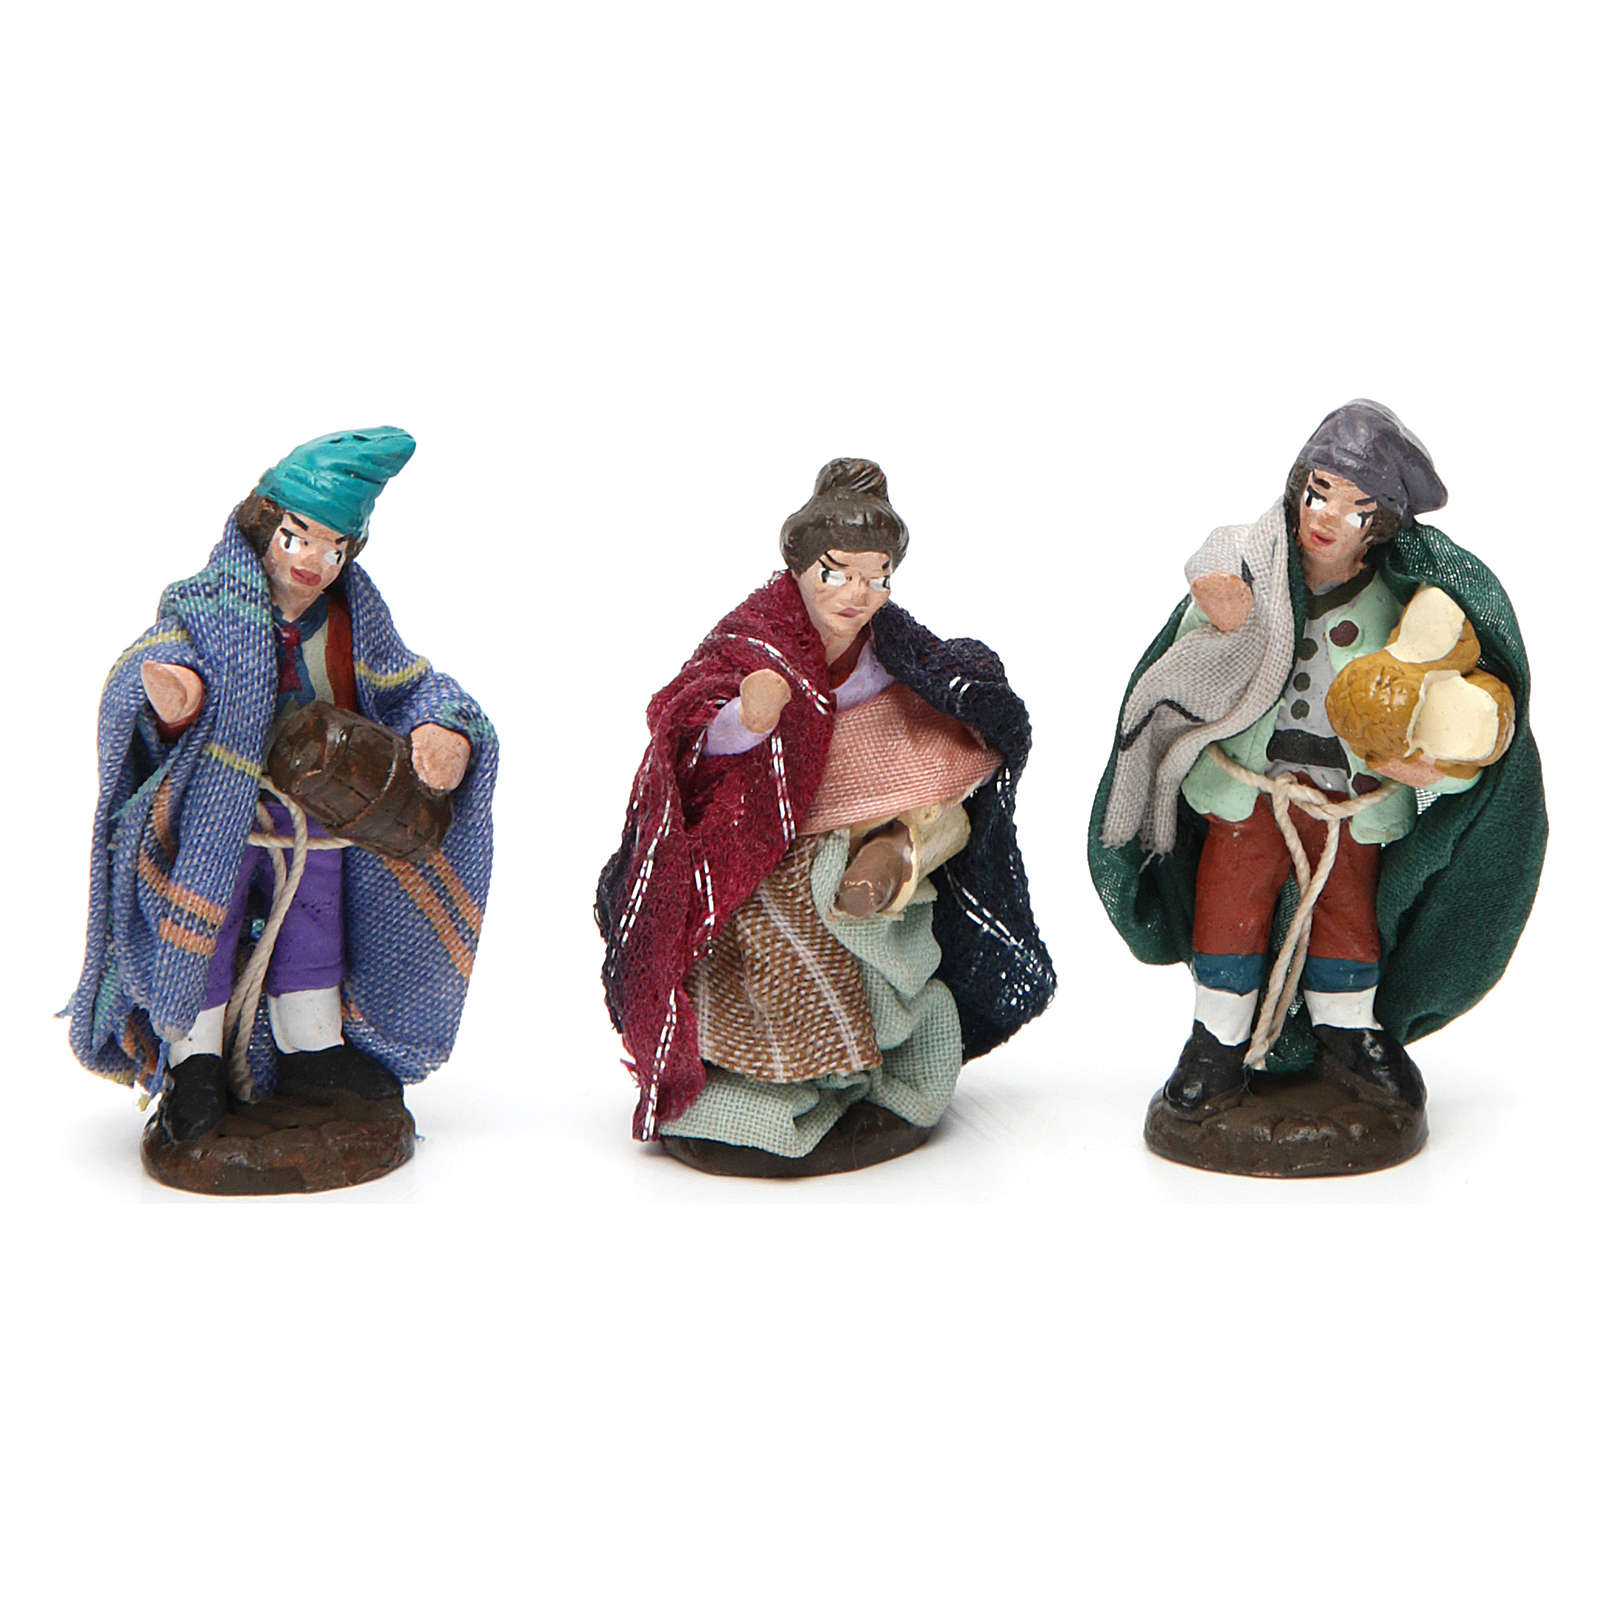 Terracotta shepherds for Neapolitan Nativity Scene 4 cm, set of 6 4